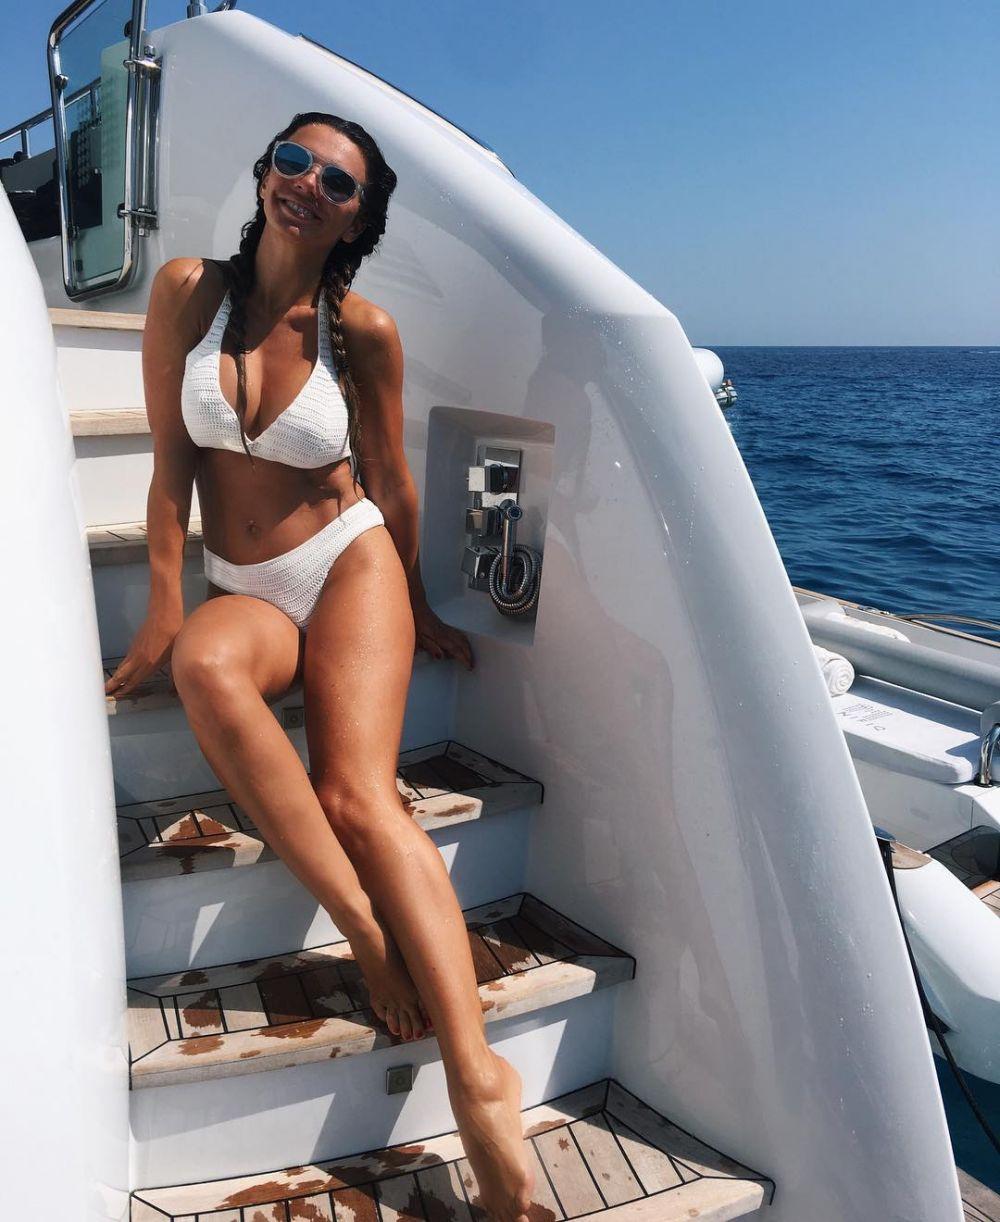 Анна Седокова выбрала для зимнего отдыха Мексику